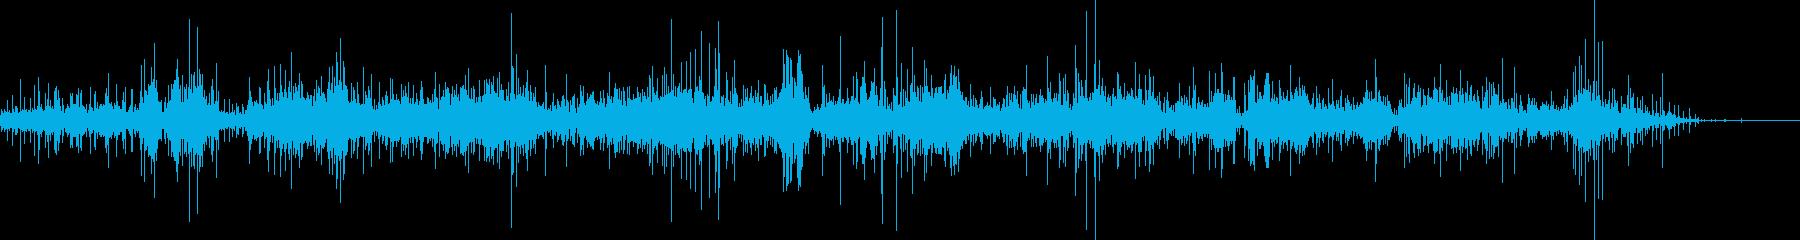 袋のガサガサ音01の再生済みの波形